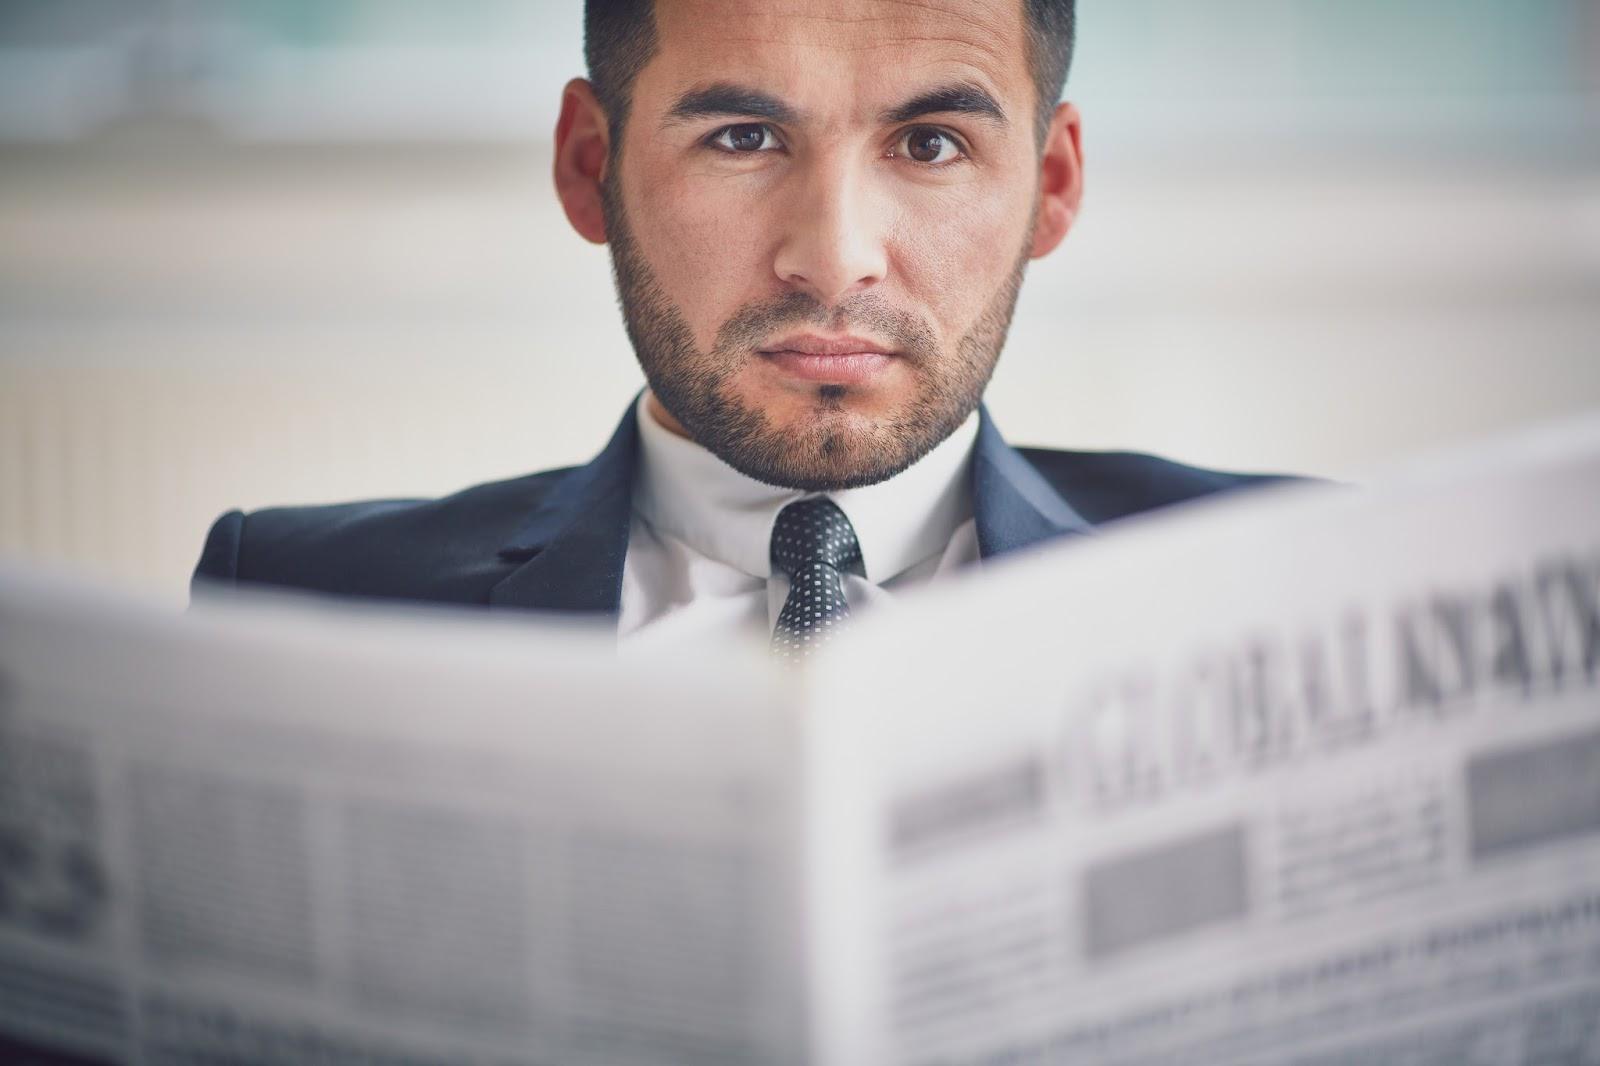 Szkolenie medialne dla szefa firmy